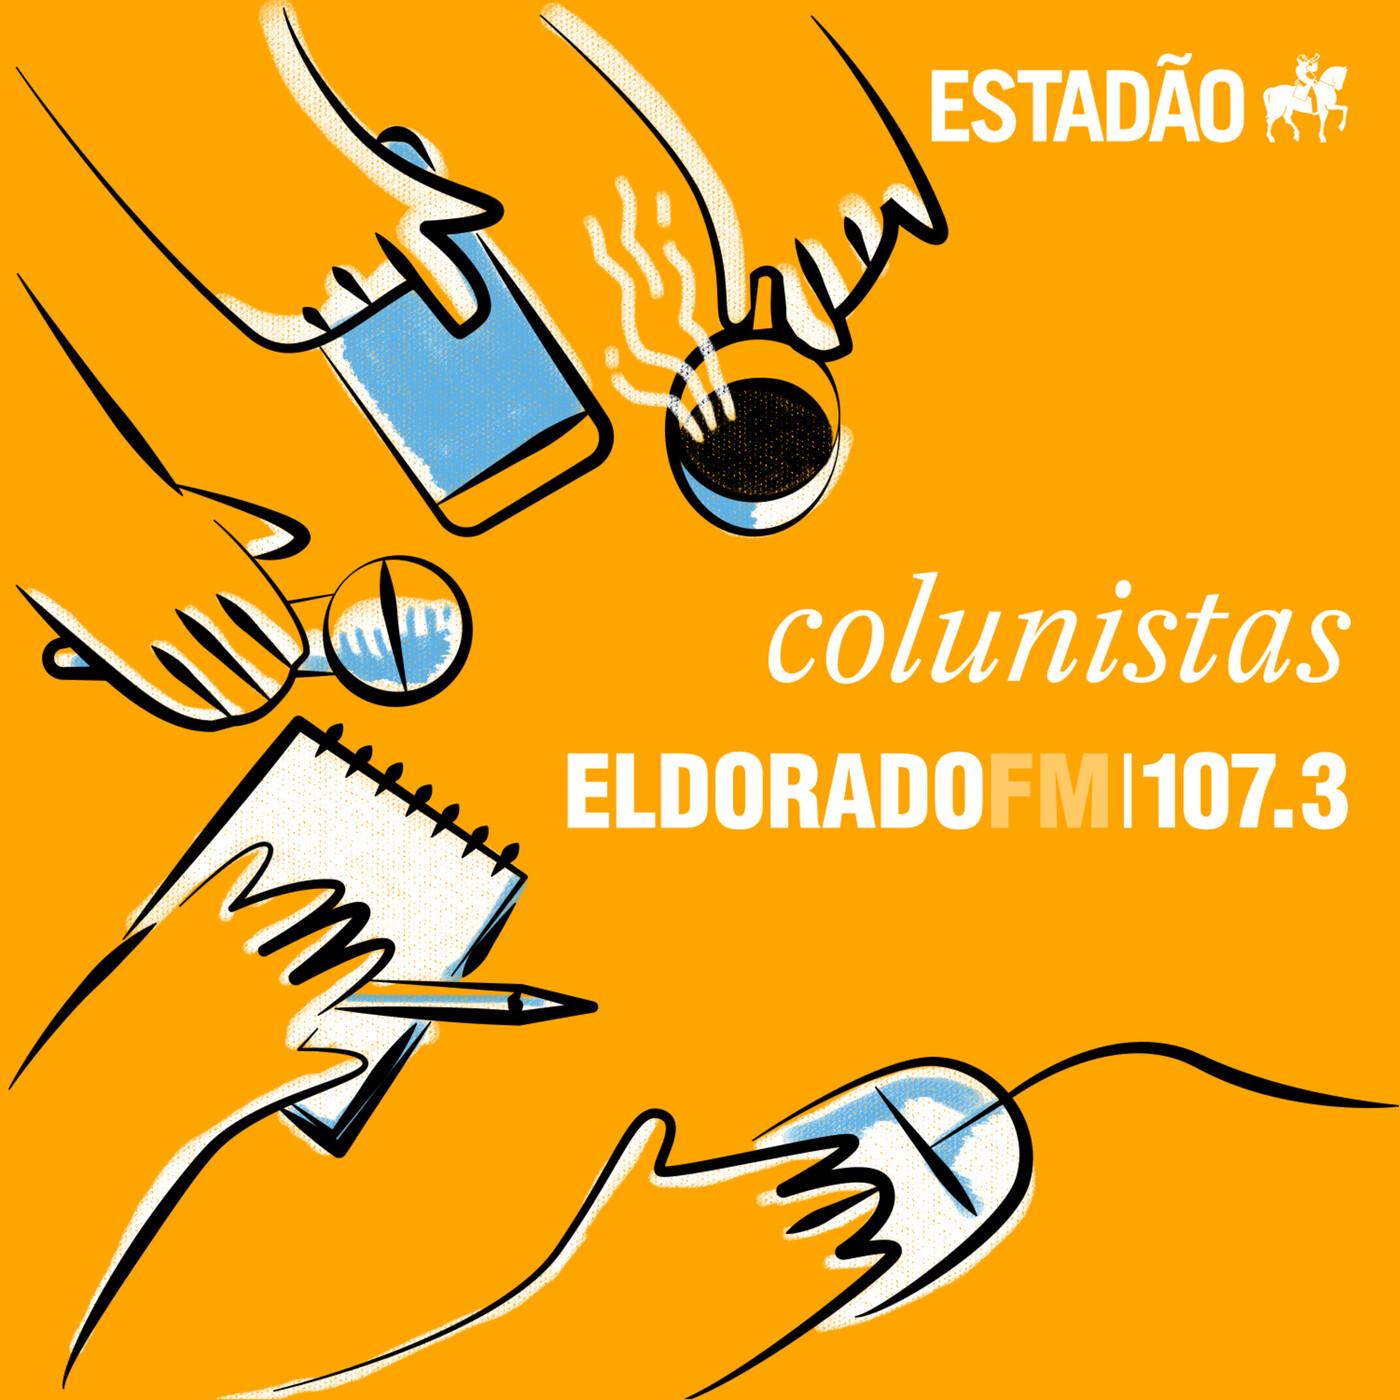 Direto ao Assunto com José Nêumanne Pinto 14.02.18